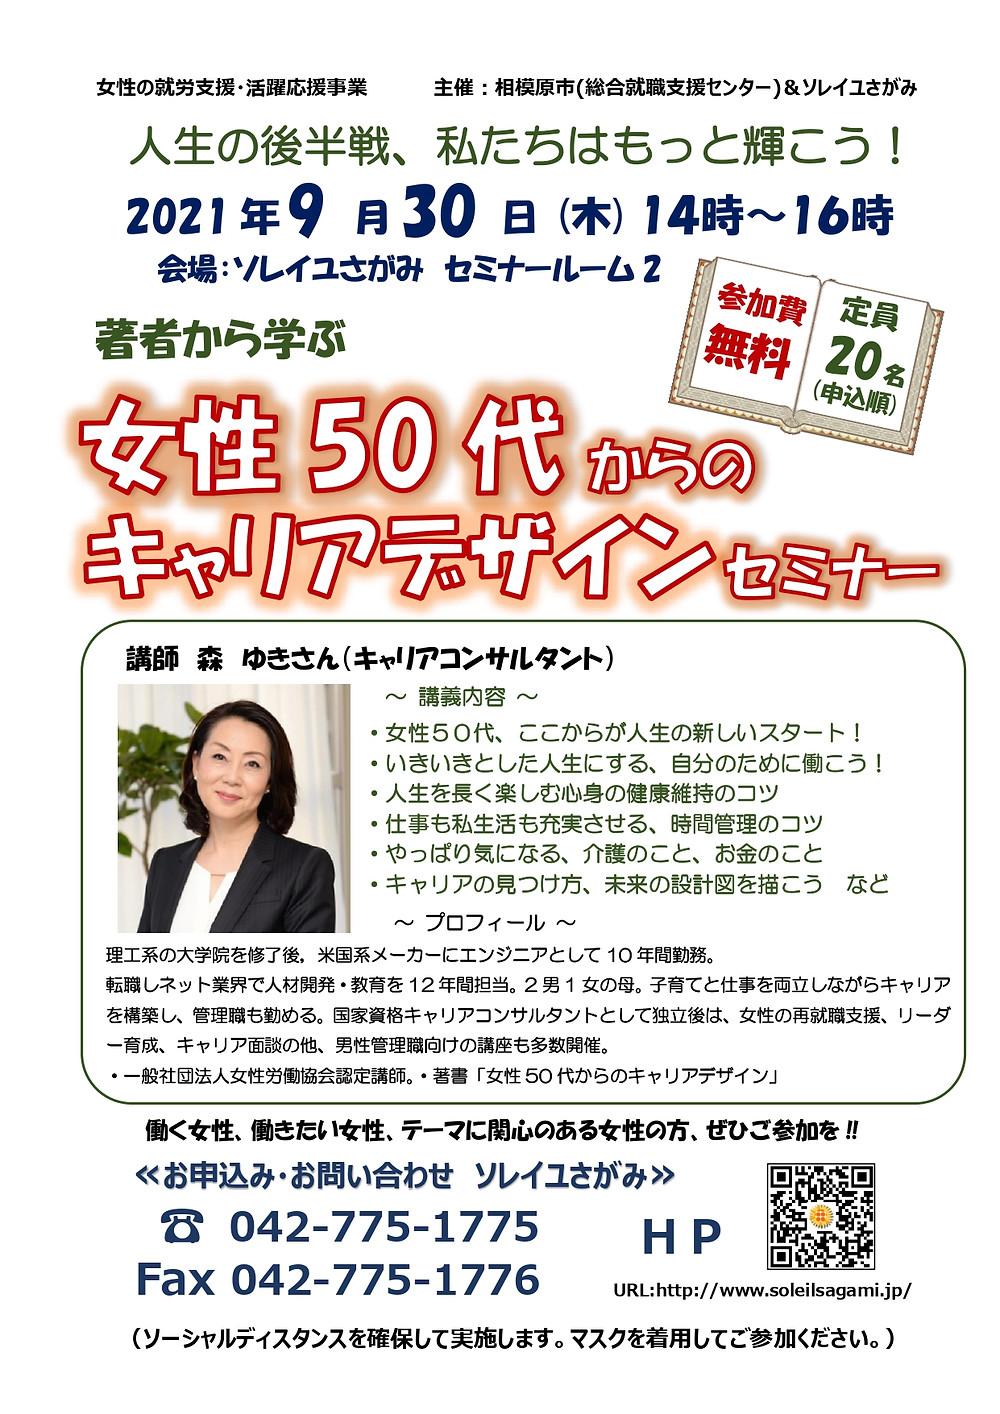 相模原市主催の公開セミナー「著者から学ぶ・女性50代からのキャリアデザイン」